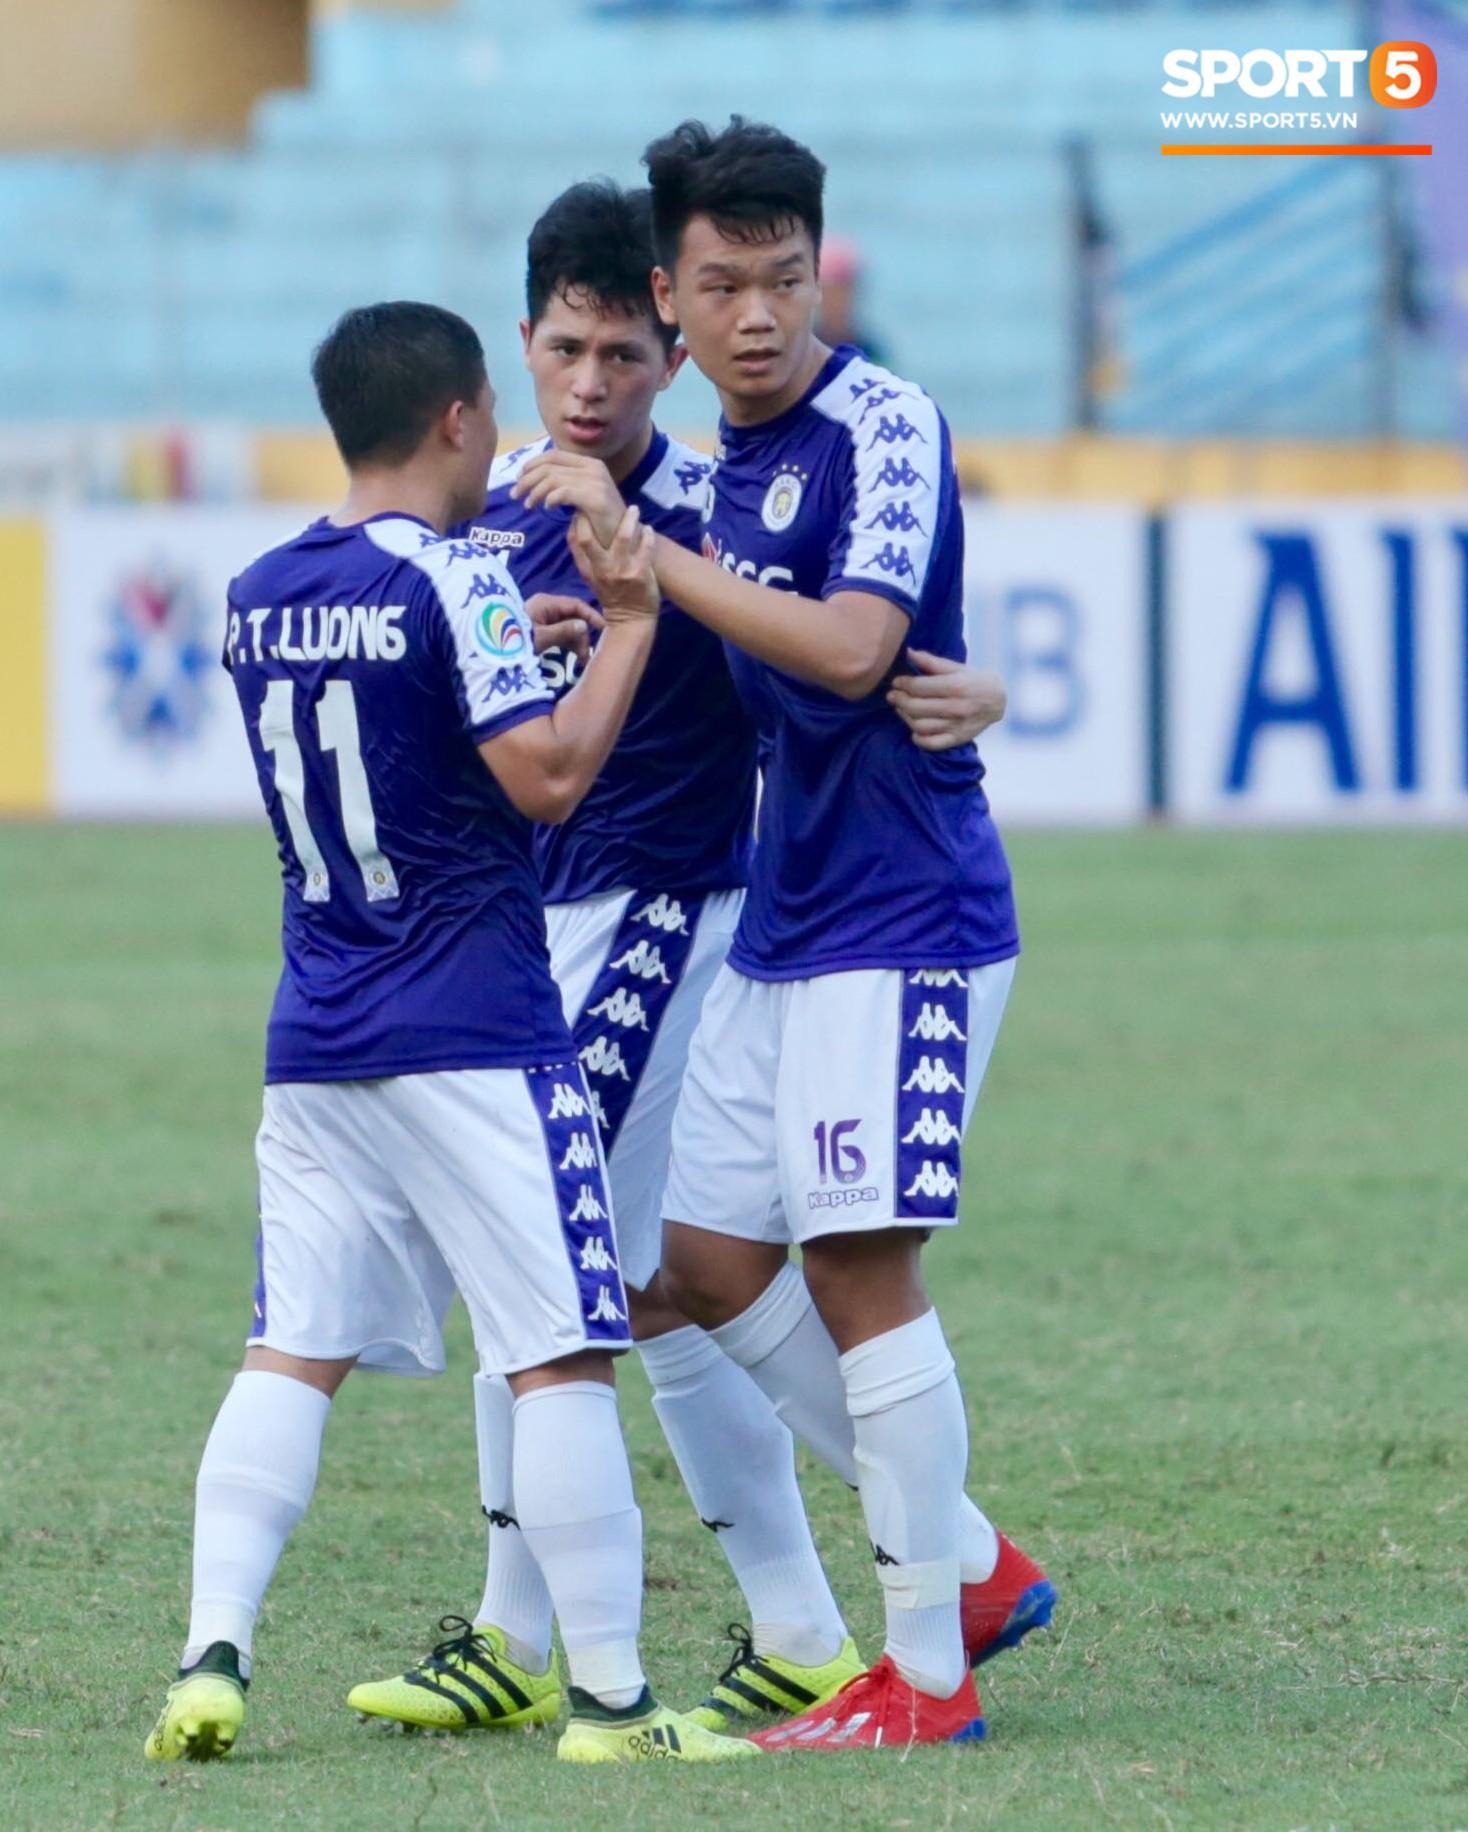 Muốn vô địch AFC Cup, Hà Nội FC phải trải qua tới 3 trận chung kết - Ảnh 1.